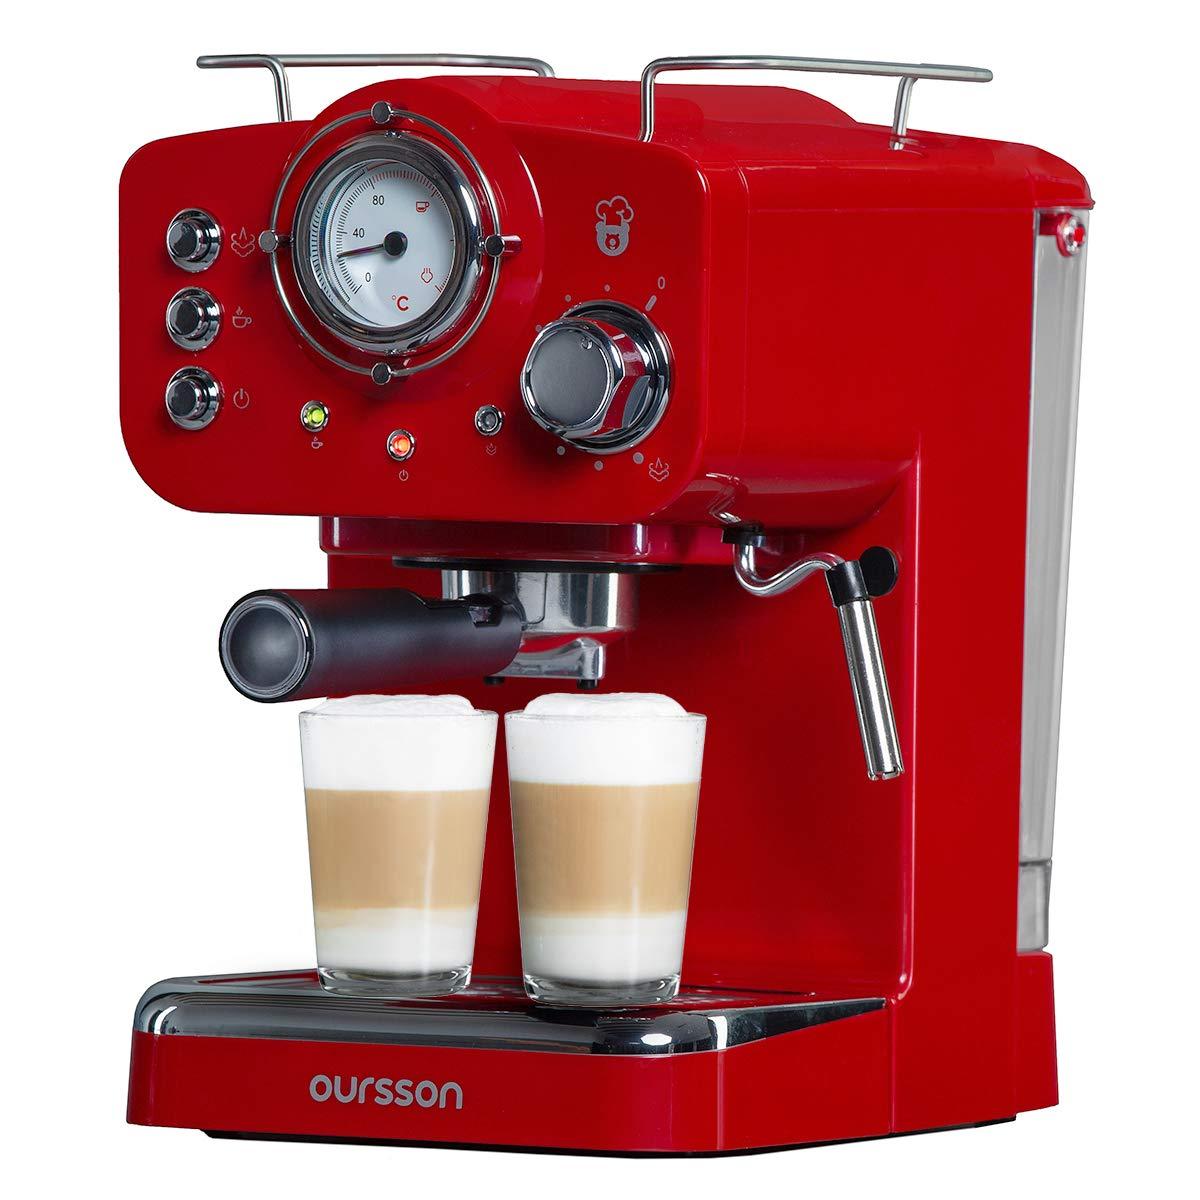 Oursson Cafetera Cappuccino y Café con 15 bares de presión, Tanque de agua de 1.5 Litros, 900 Vatios, Color rojo, EM1500/RD: Amazon.es: Hogar